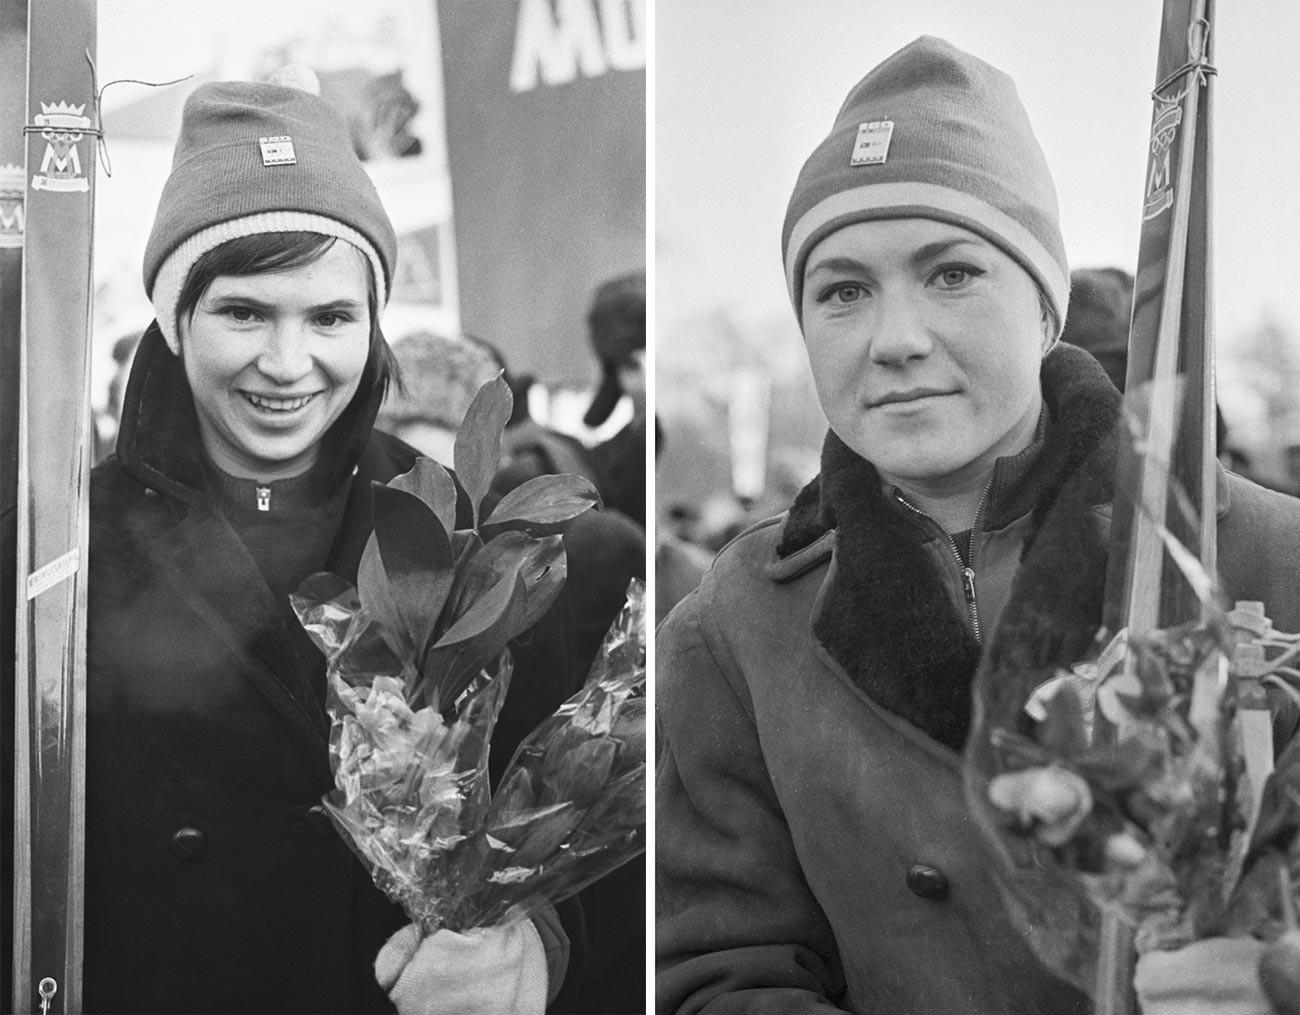 Les sportifs de l'équipe Metelitsa Tatiana Diakonova et Nadejda Kouzina après la traversée à ski de l'itinéraire Moscou-Leningrad-Helsinki-Tornio (2600 km), dédiée au 100e anniversaire de Vladimir Lénine